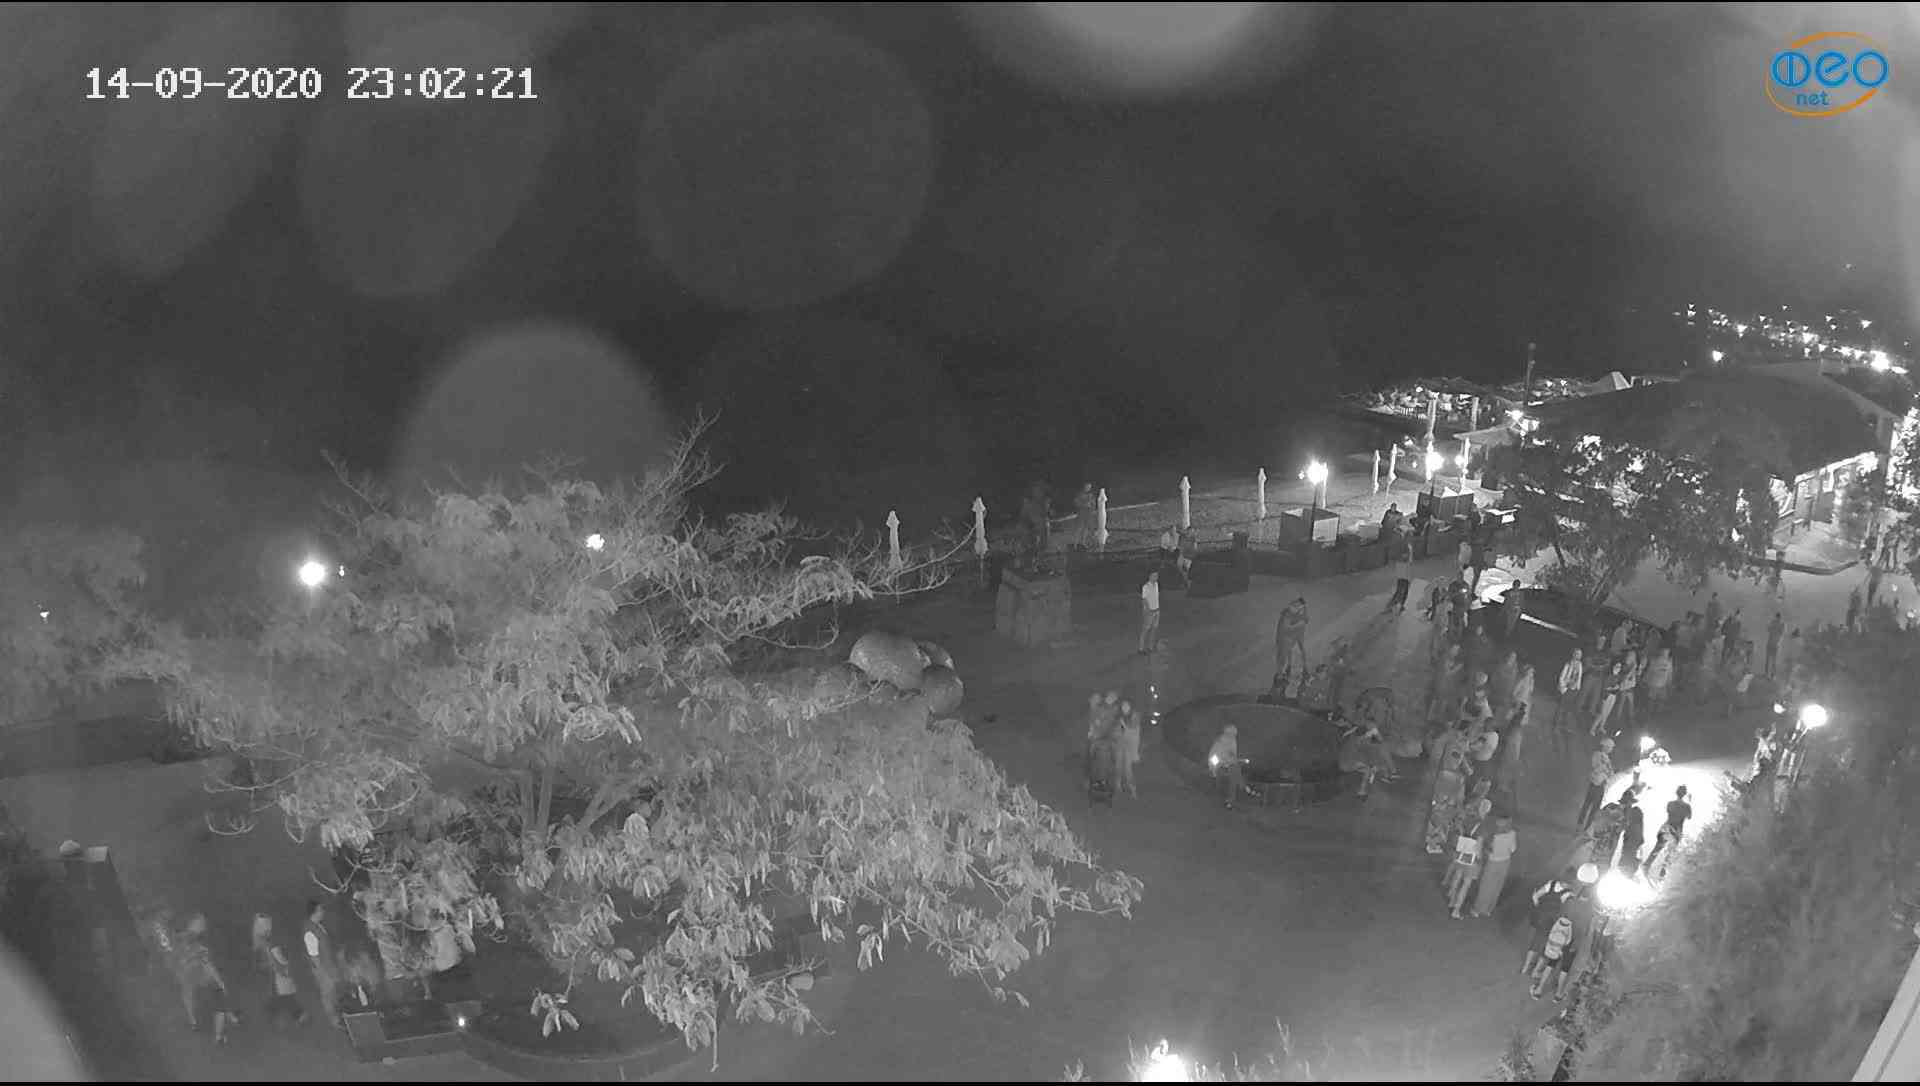 Веб-камеры Феодосии, Набережная Коктебель перед домом Волошина, 2020-09-14 23:02:37